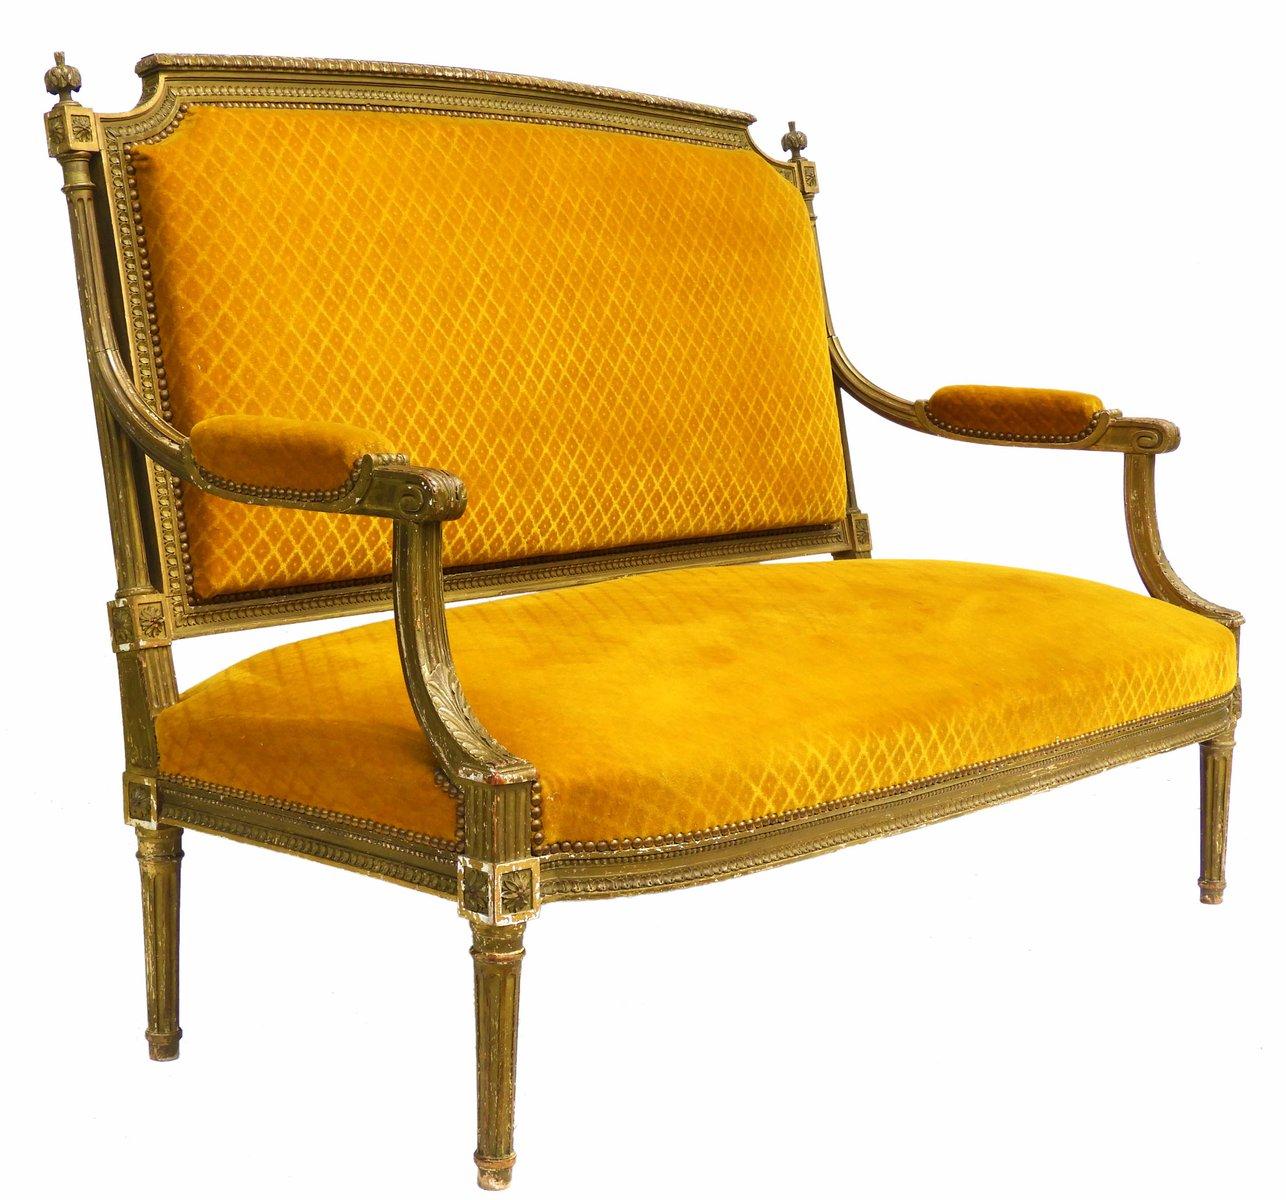 antikes franz sisches gesso sofa mit vergoldetem holzgestell bei pamono kaufen. Black Bedroom Furniture Sets. Home Design Ideas